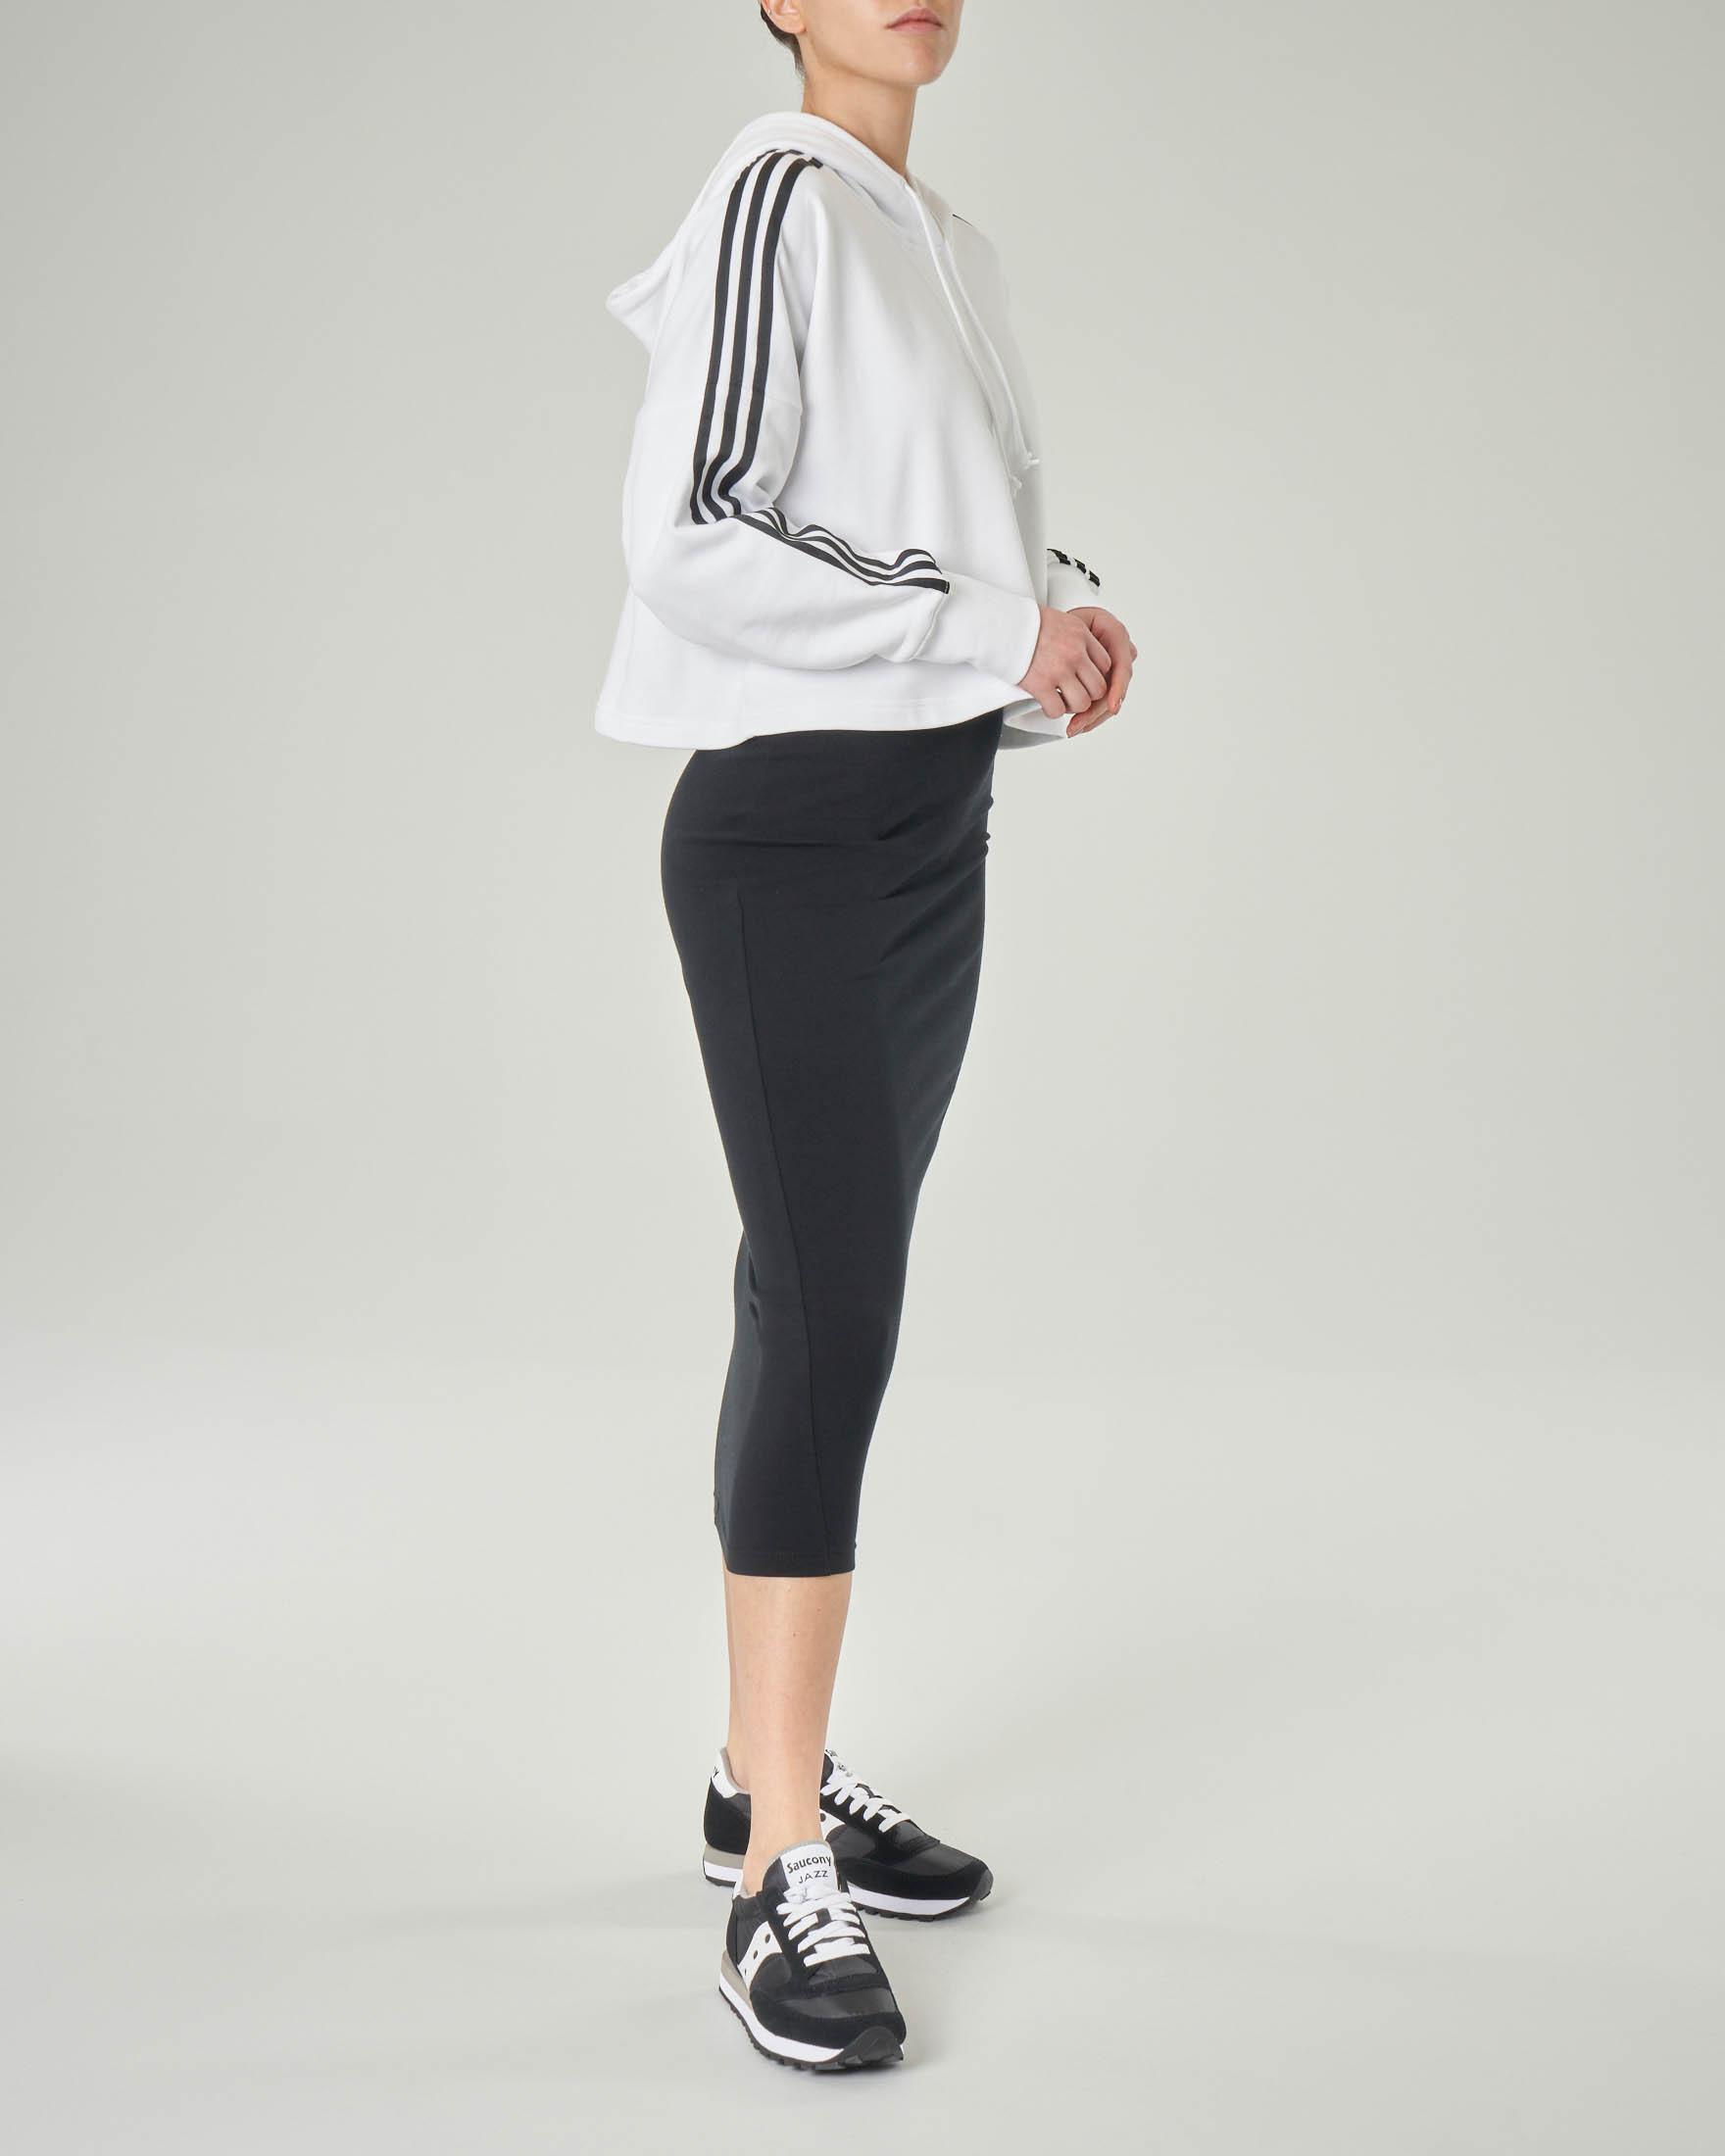 Felpa bianca cropped in cotone con triband nera a contrasto e cappuccio